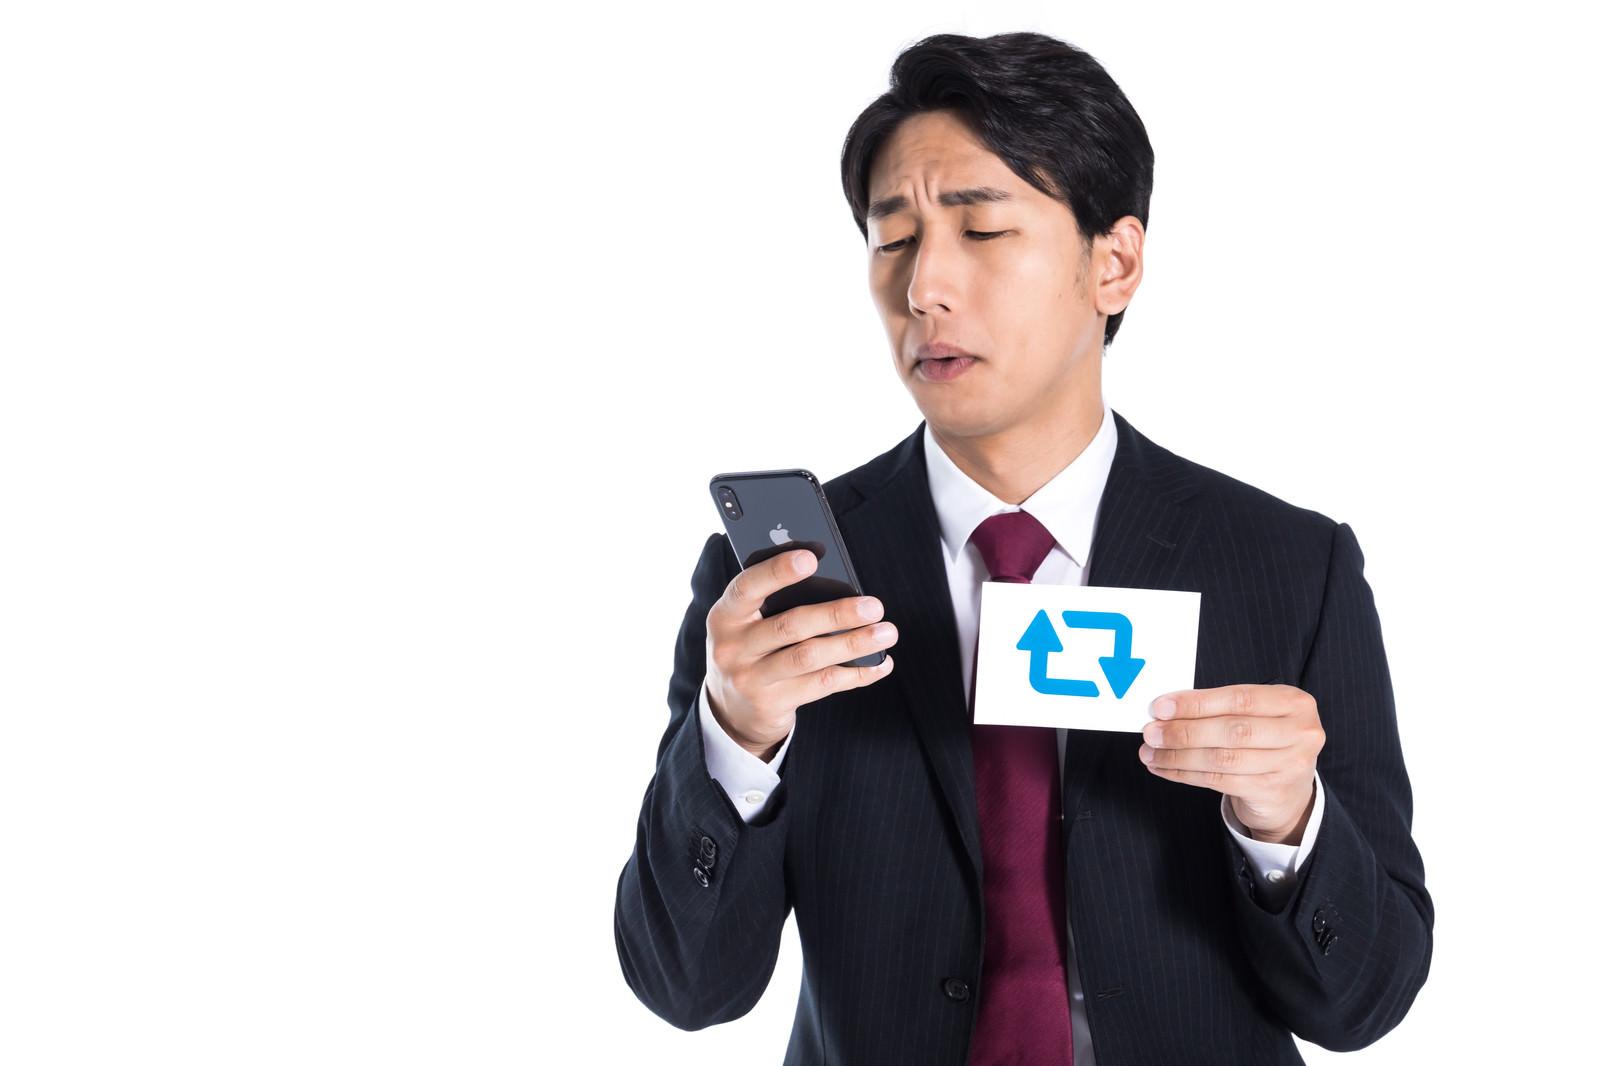 「【拡散希望】ツイートが伸びない」の写真[モデル:大川竜弥]